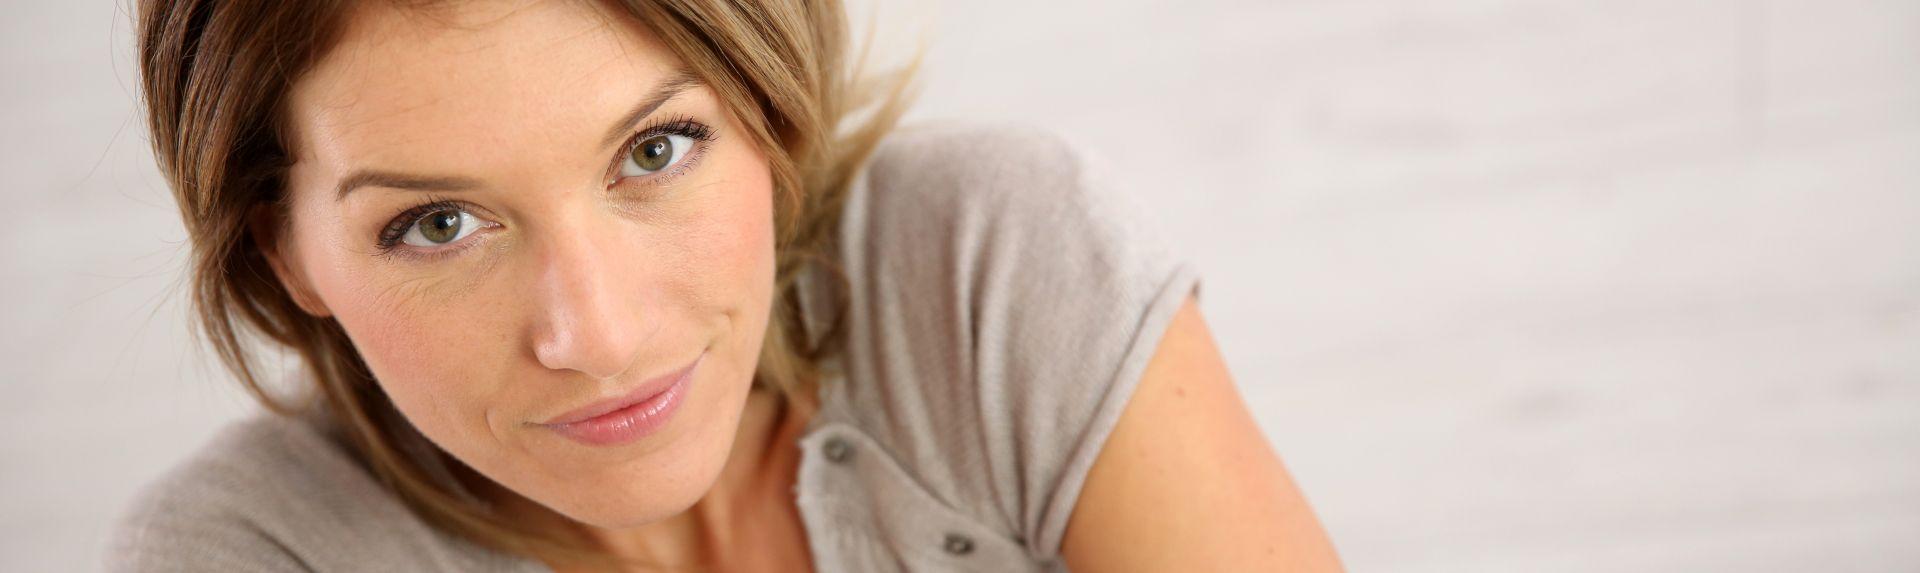 Синдром Фрекен Бок: откуда берется рассеянность в период менопаузы и как с этим бороться